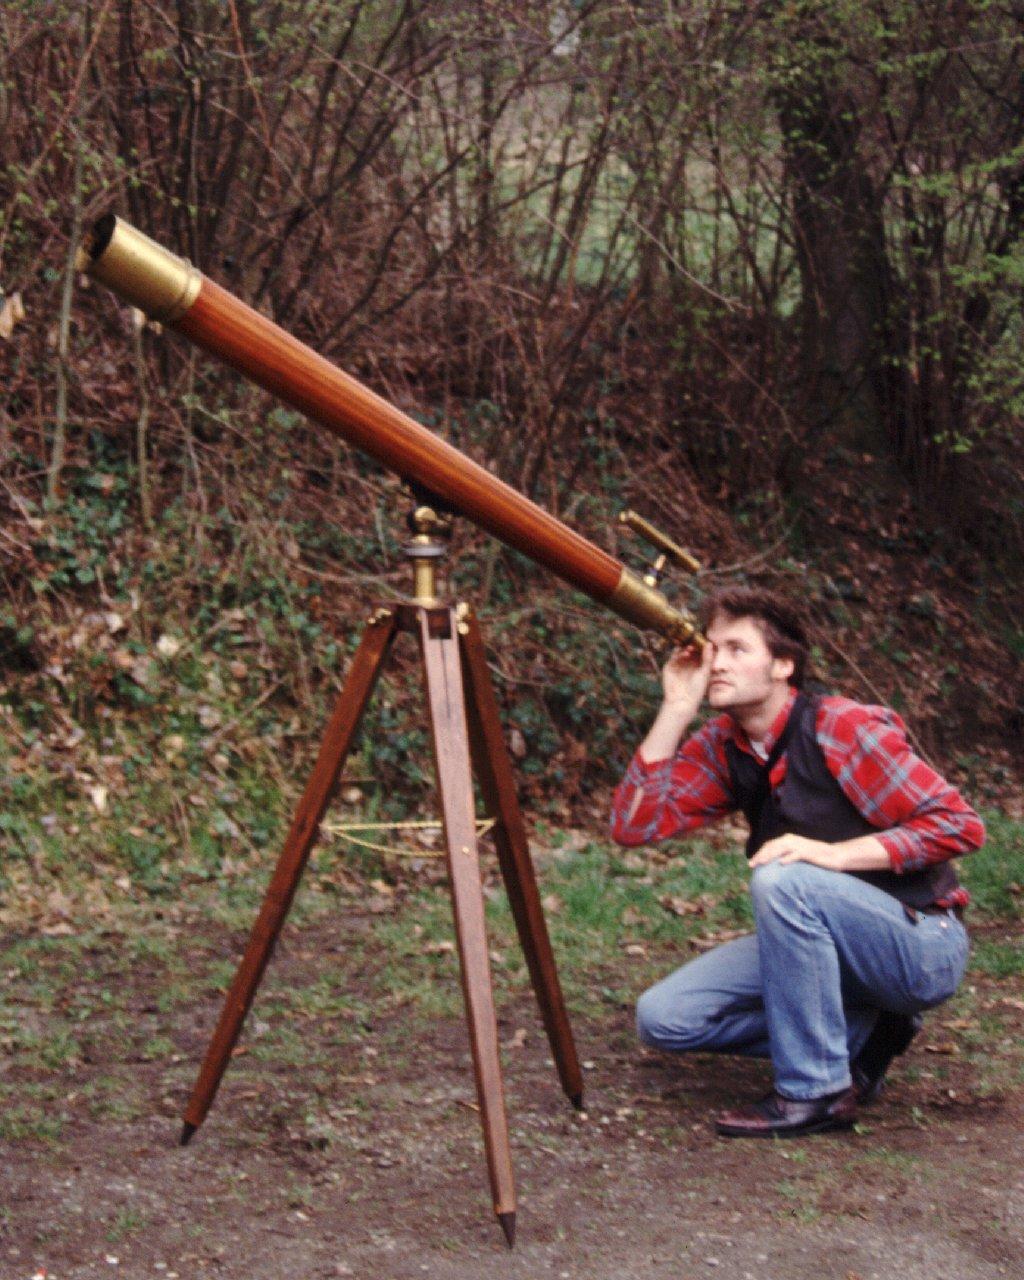 Das älteste Teleskop, durch das ich einen Blick werfen konnte. 9cm Merz Refraktor der Starkenburg-Sternwarte, Baujahr um 1860